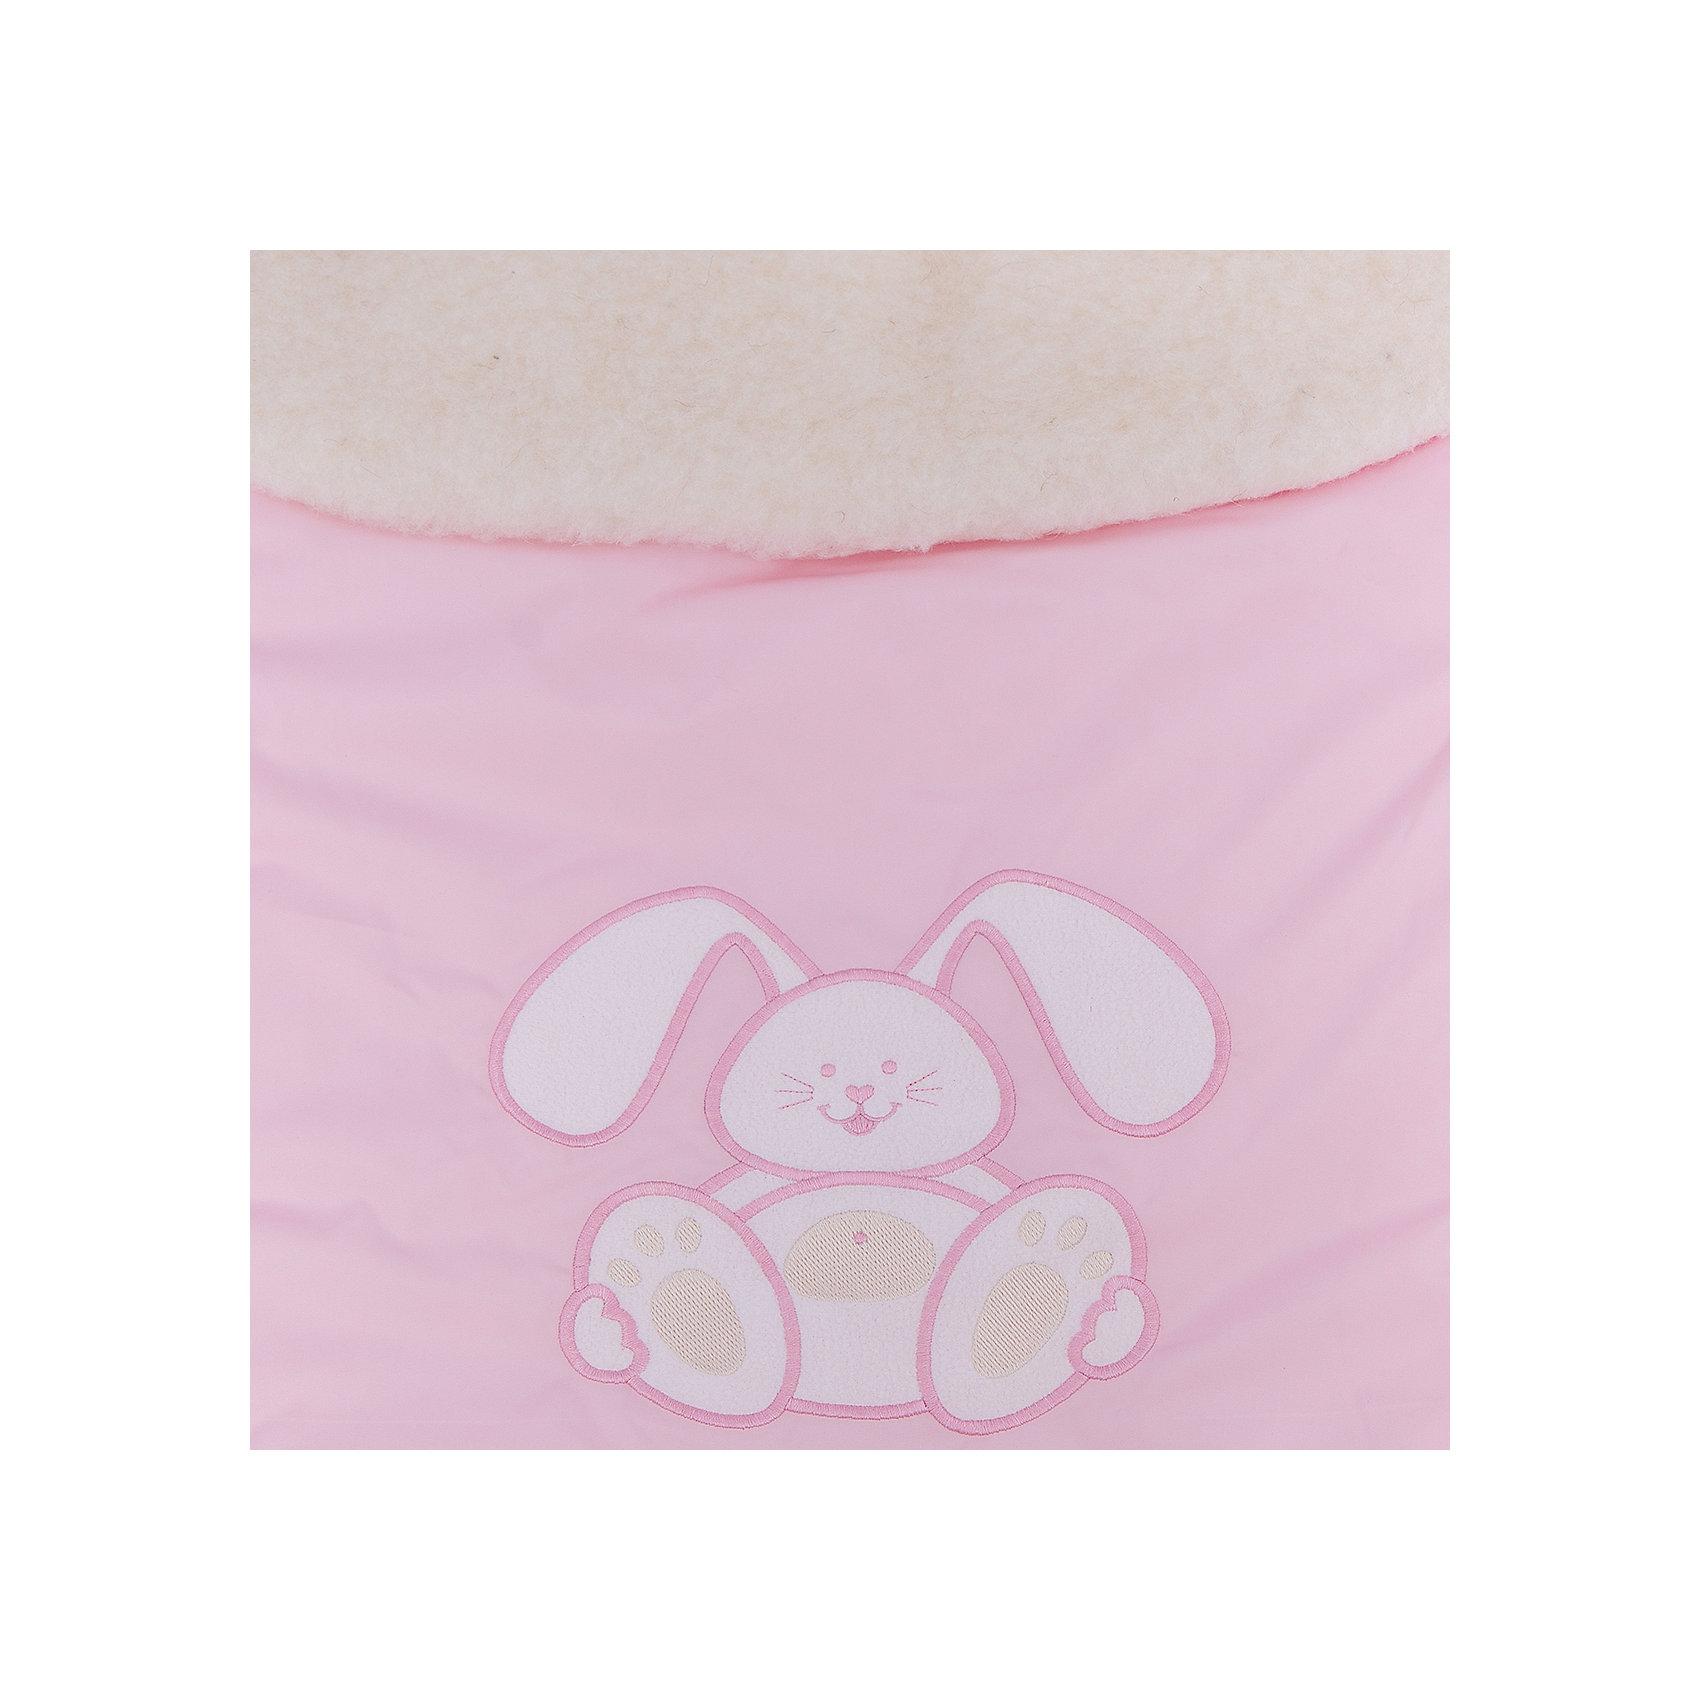 Конверт меховой Зайчик, Сонный гномик, розовый